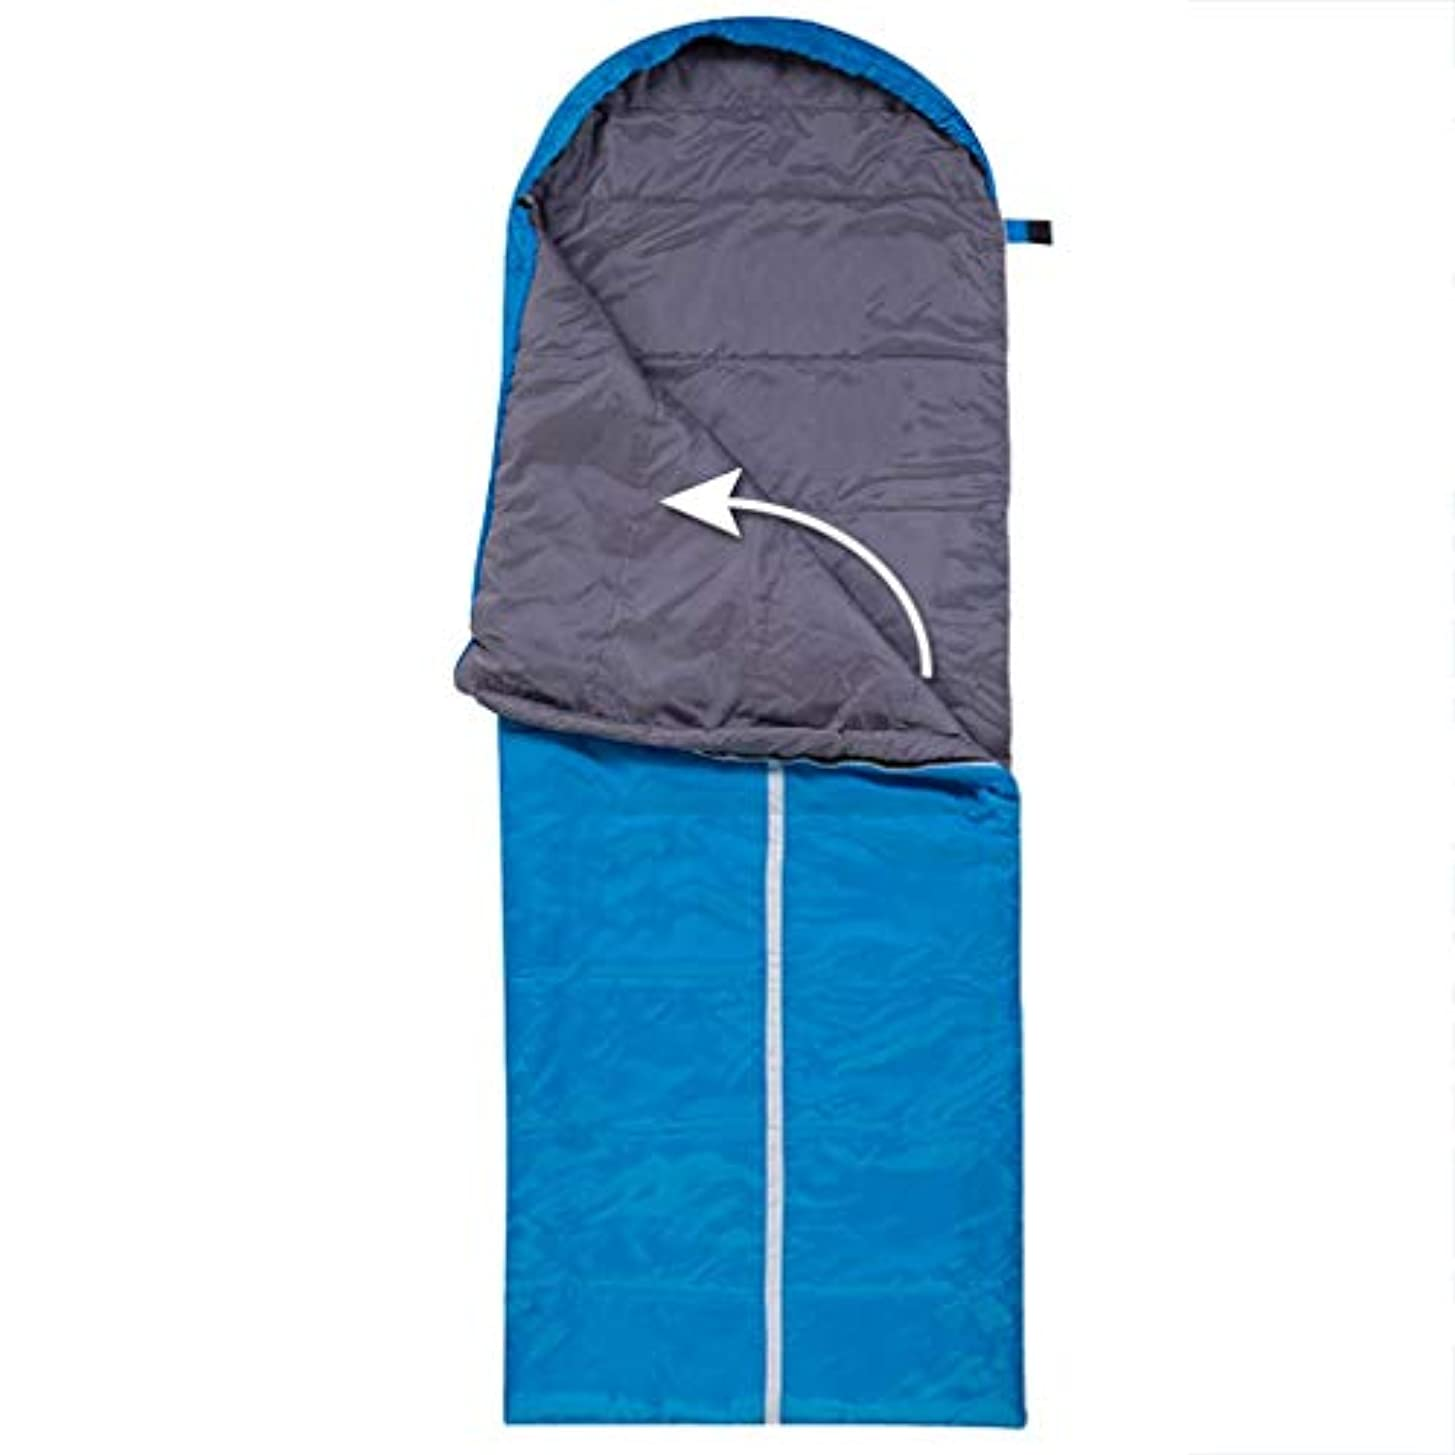 取り組む遠い名門屋外の寝袋シングルと寝袋キャンプ寝袋屋内と屋外のポータブルスプライシングのための寝袋 GBYGDQ (Color : C)